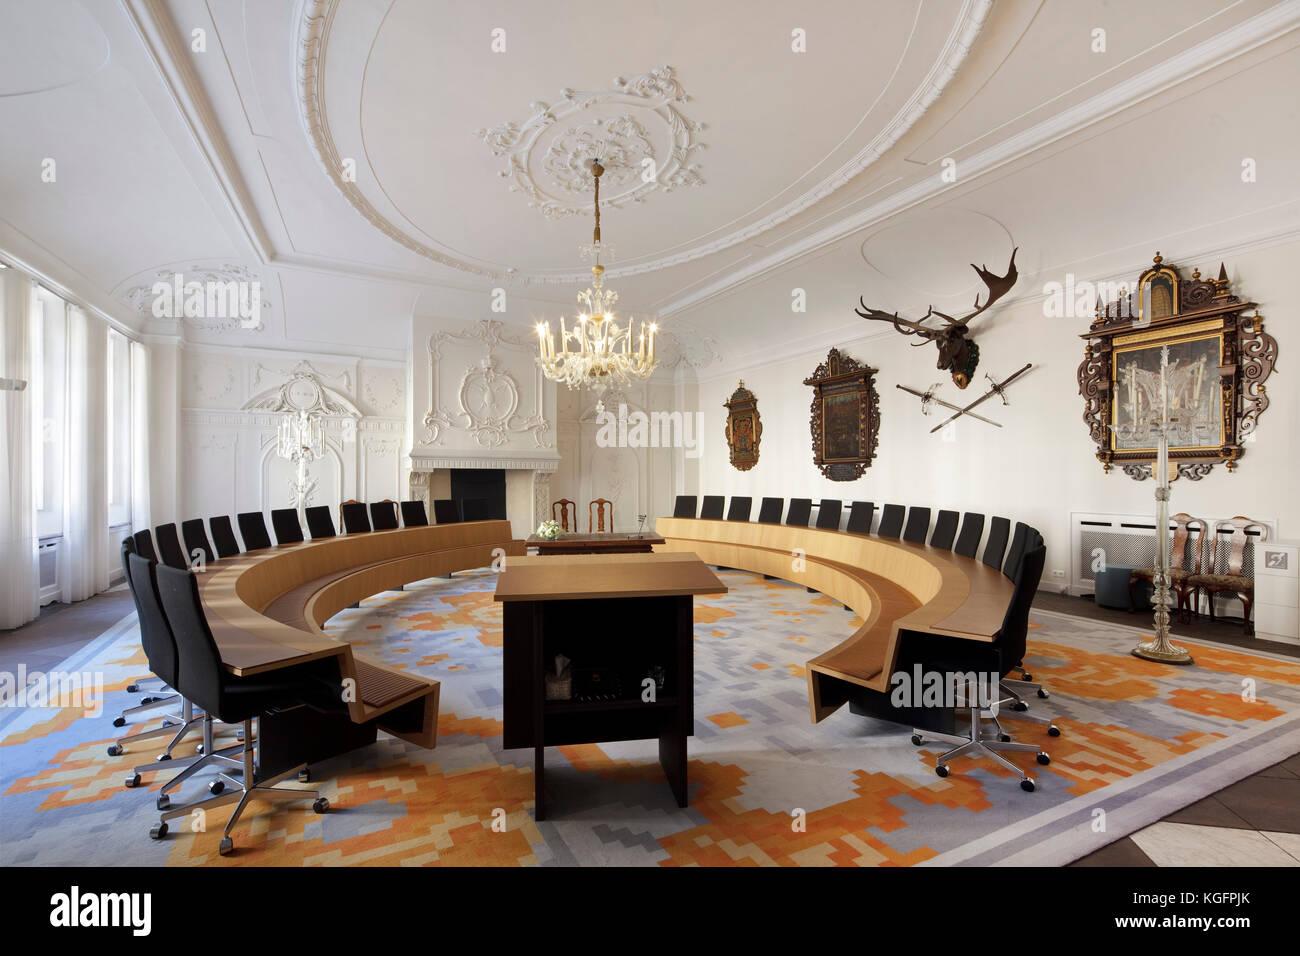 Hochzeit registry Zimmer im ursprünglichen Gebäude mit modernen Horseshoe Tabellen und antike Gegenstände Stockbild